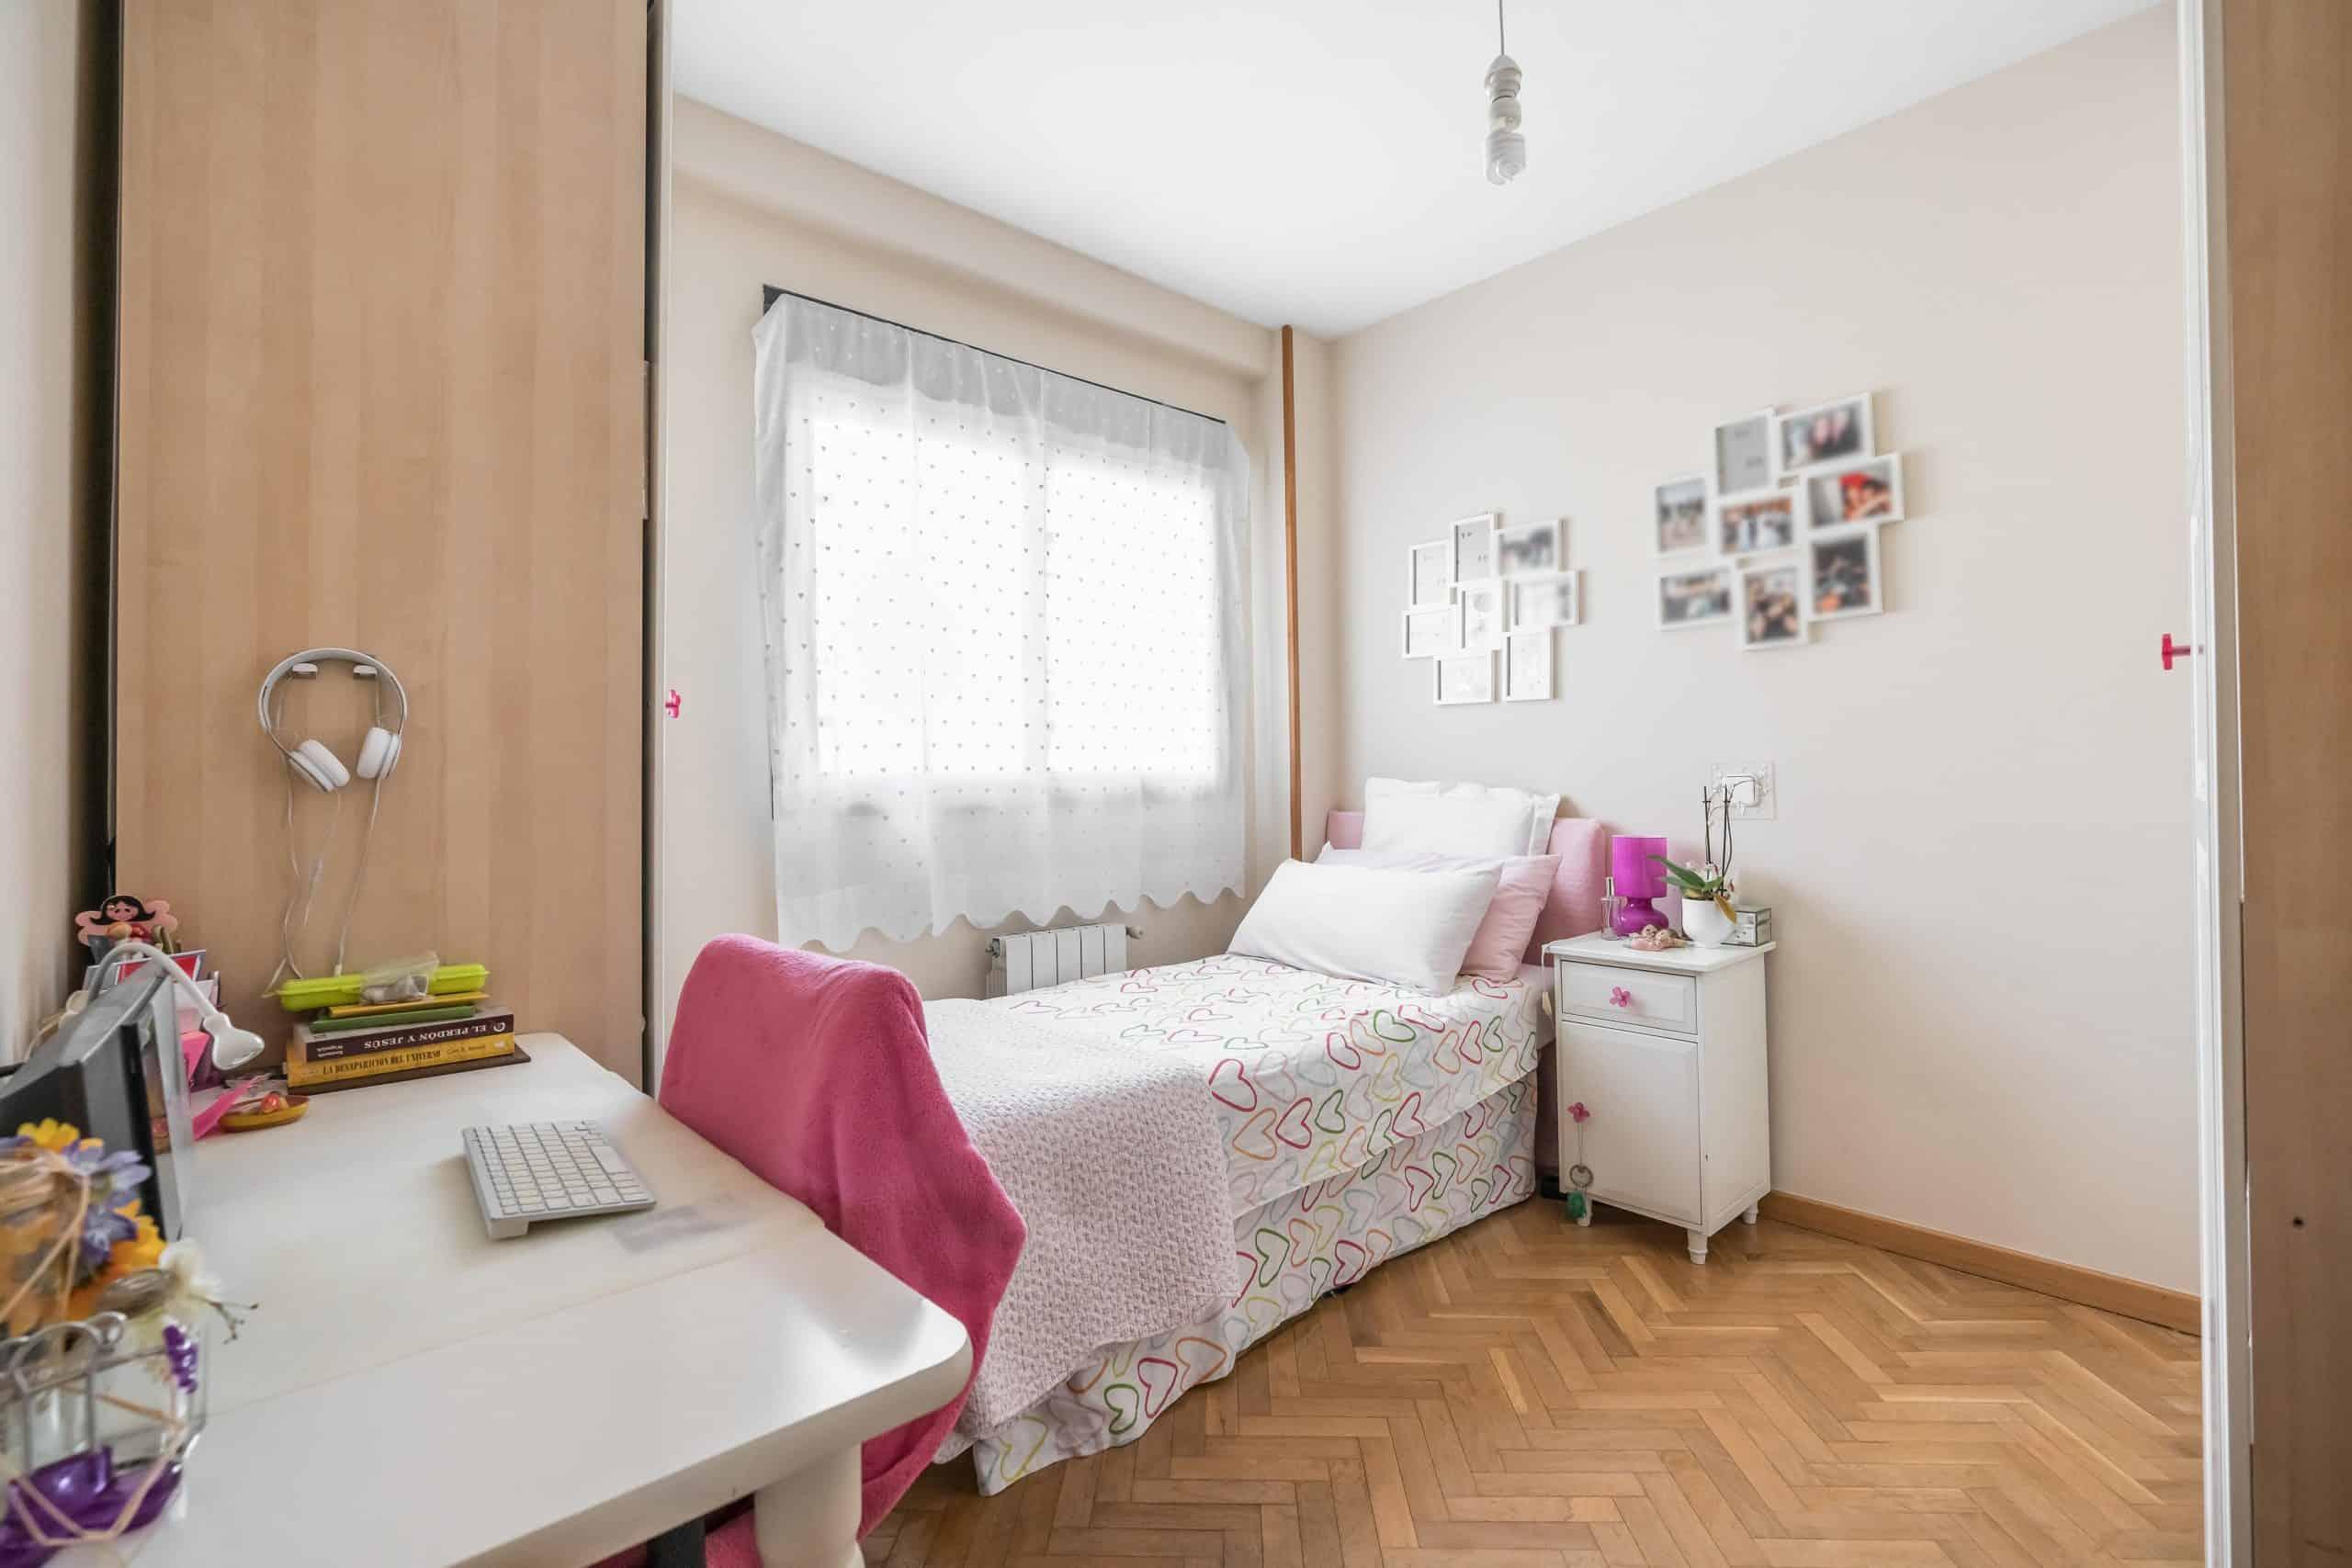 Agencia Inmobiliaria de Madrid-FUTUROCASA-Zona ARGANZUELA-EMBAJADORES-LEGAZPI2 DORMITORIO 2 (1)